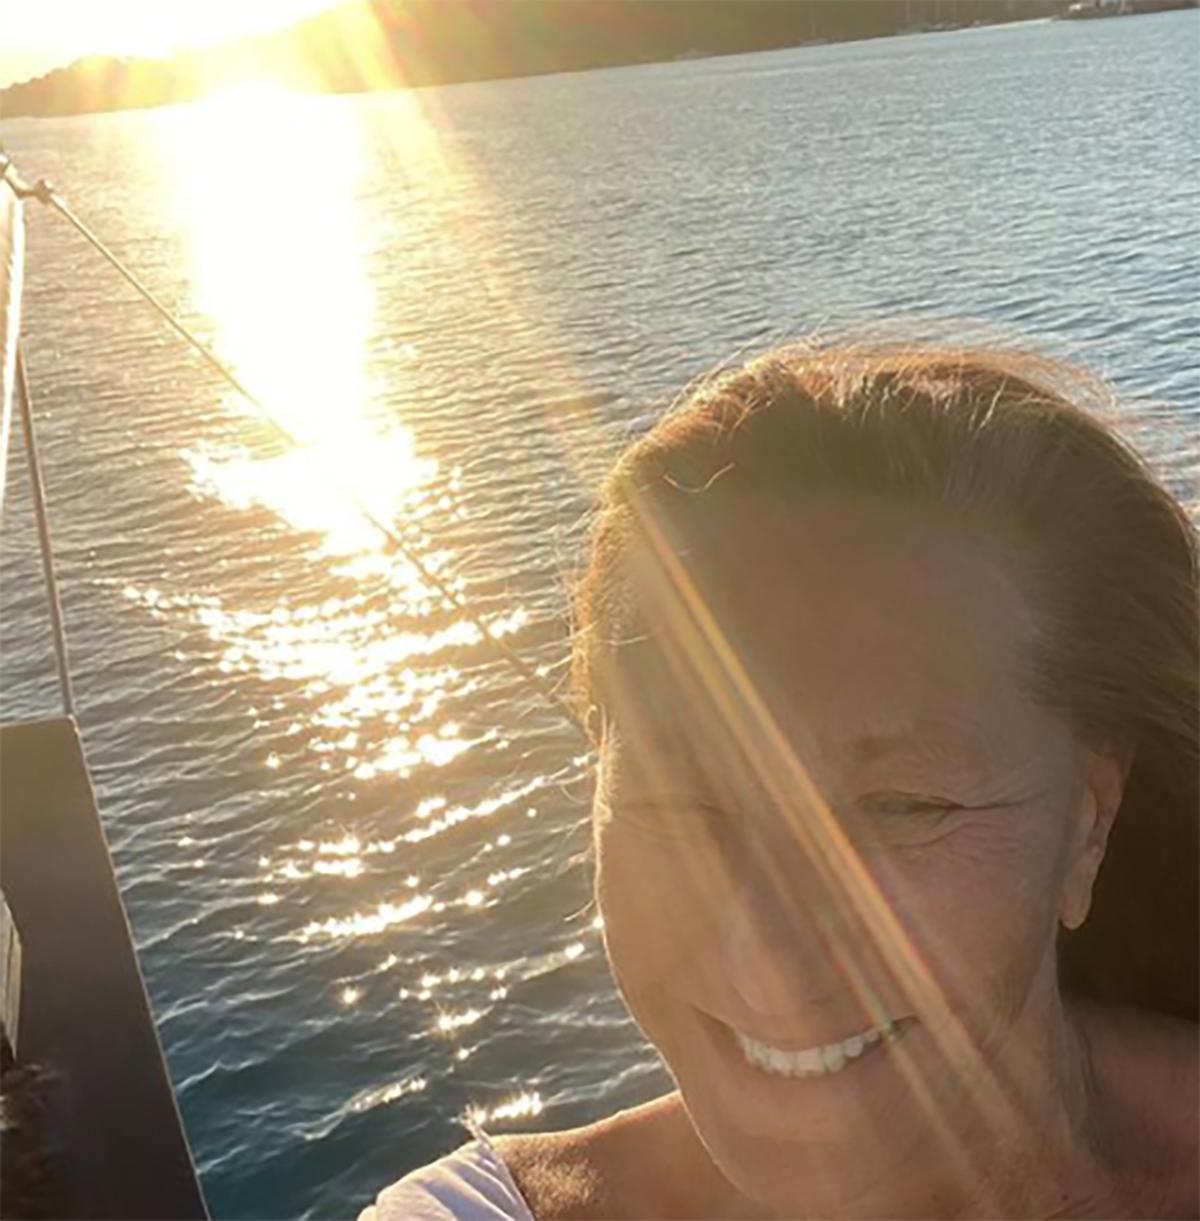 Η Donna Karan αρμενίζει στις ελληνικές θάλασσες και διαφημίζει τα ηλιοβασιλέματά μας